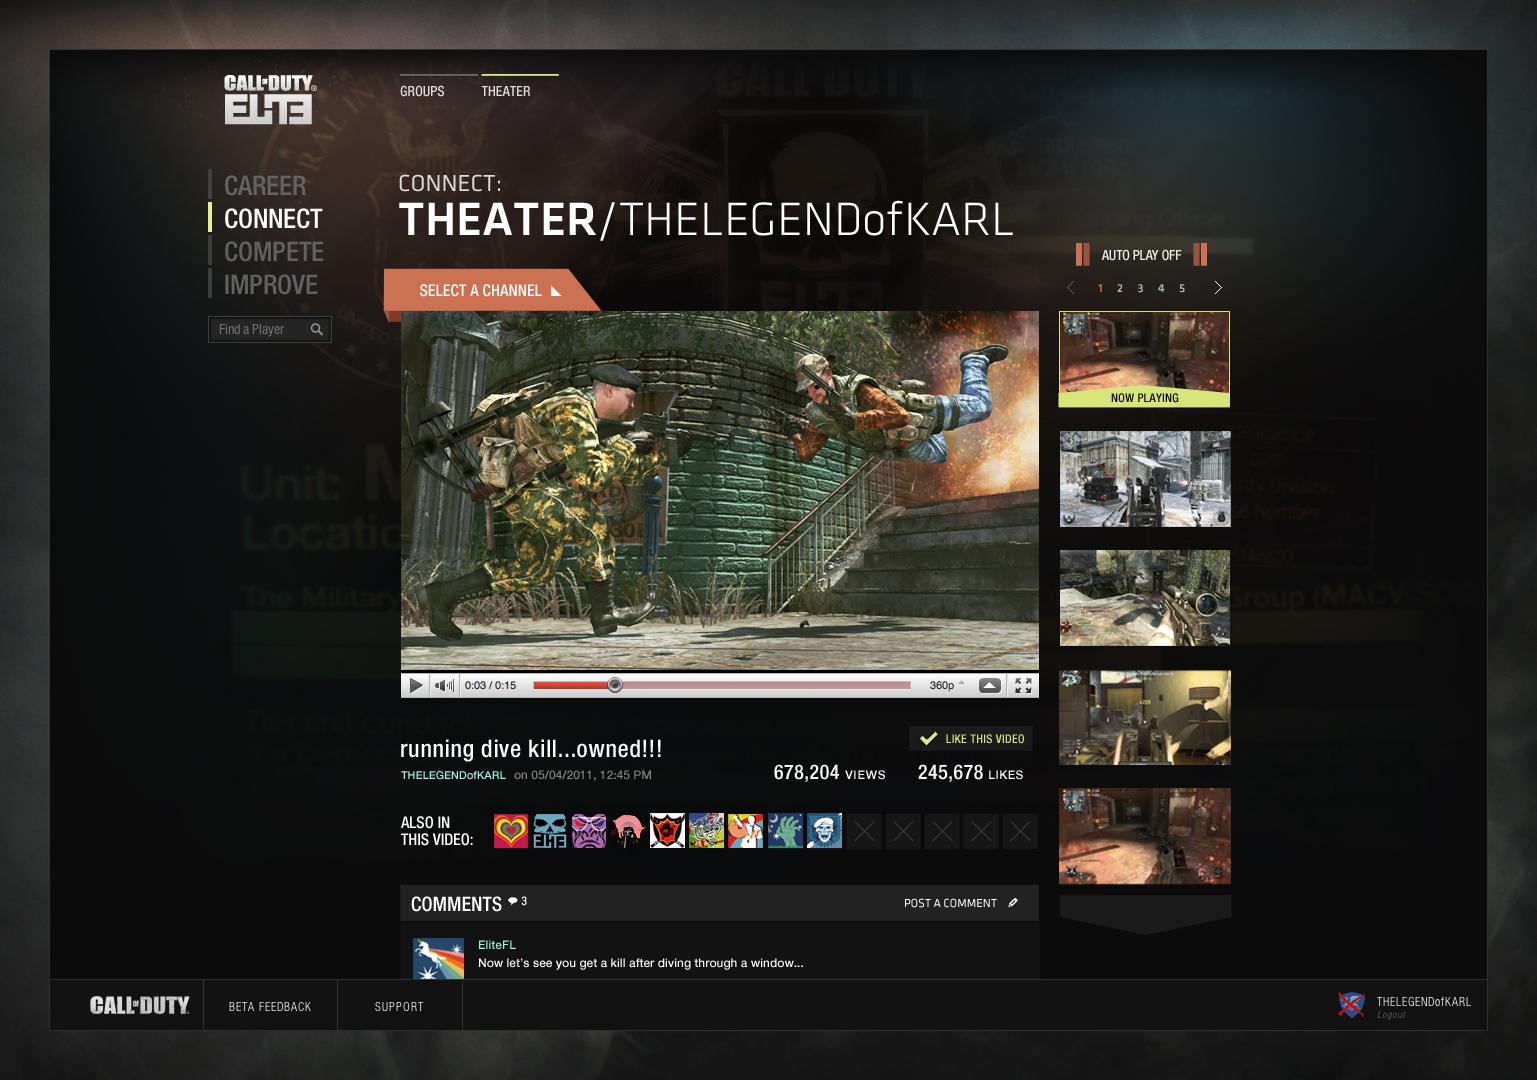 CoD má nejlepší komunitu na světě, říká Activision 42655